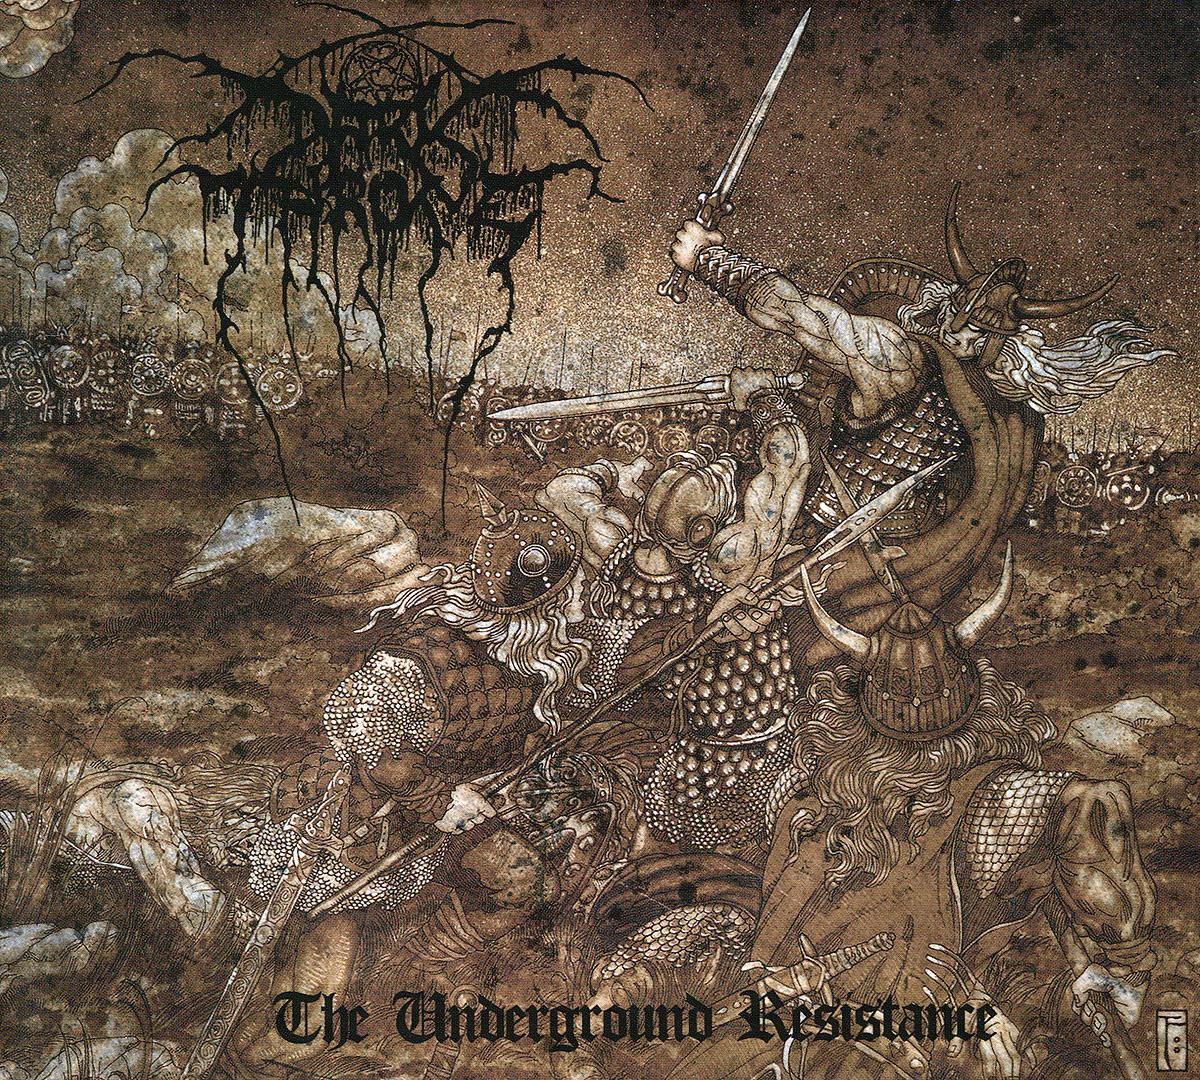 Darkthrone Darkthrone. The Underground Resistance darkthrone darkthrone goatlord deluxe edition 2 cd